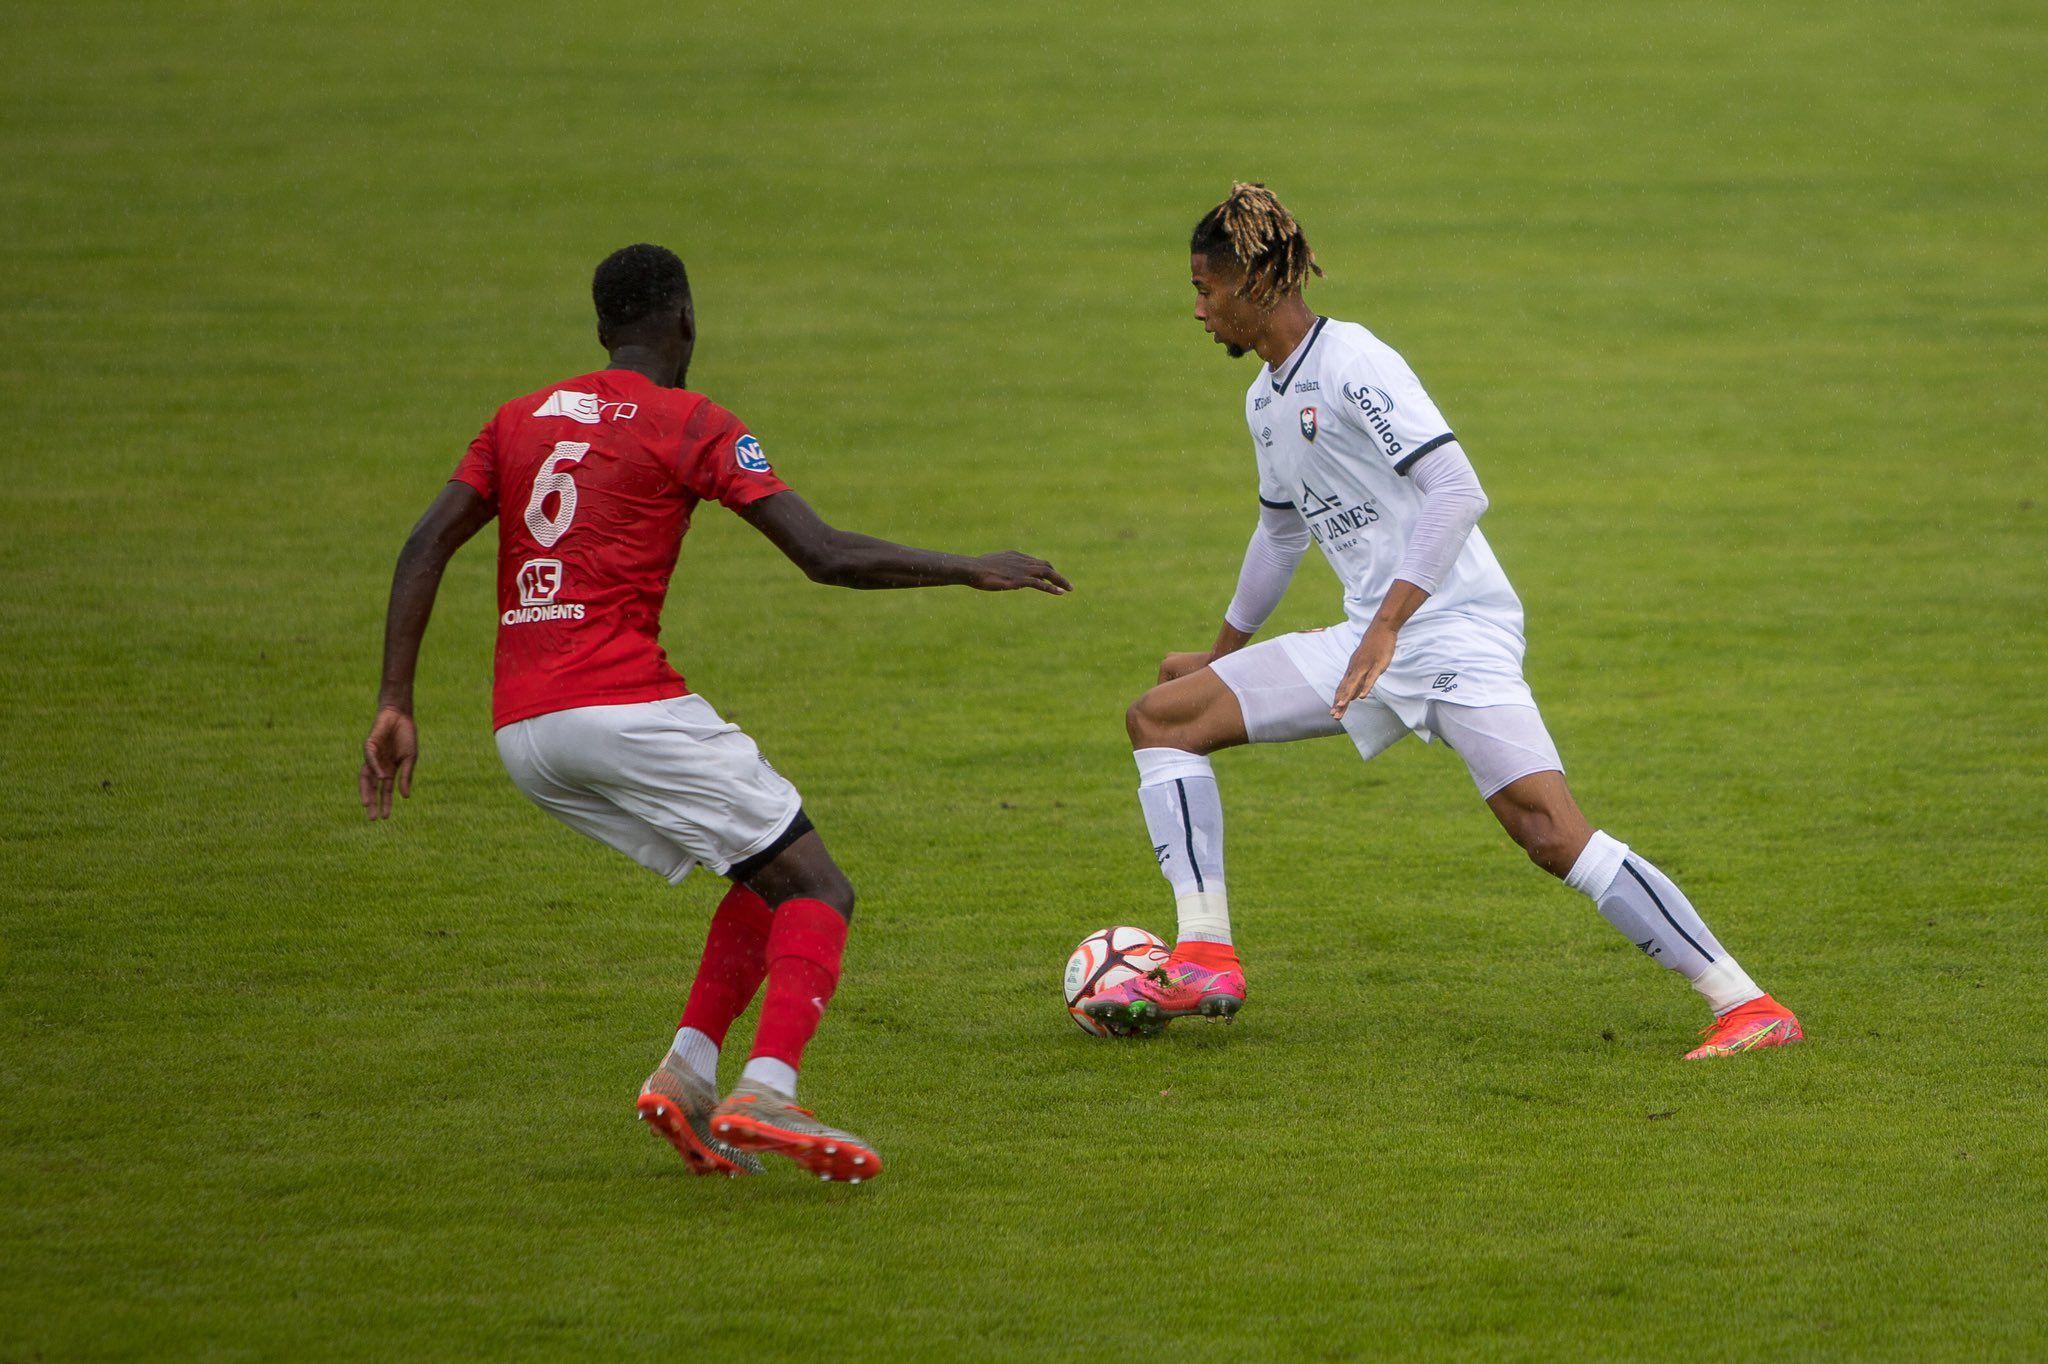 [Vidéo] Les deux buts de la victoire caennaise face à Beauvais (2-0)